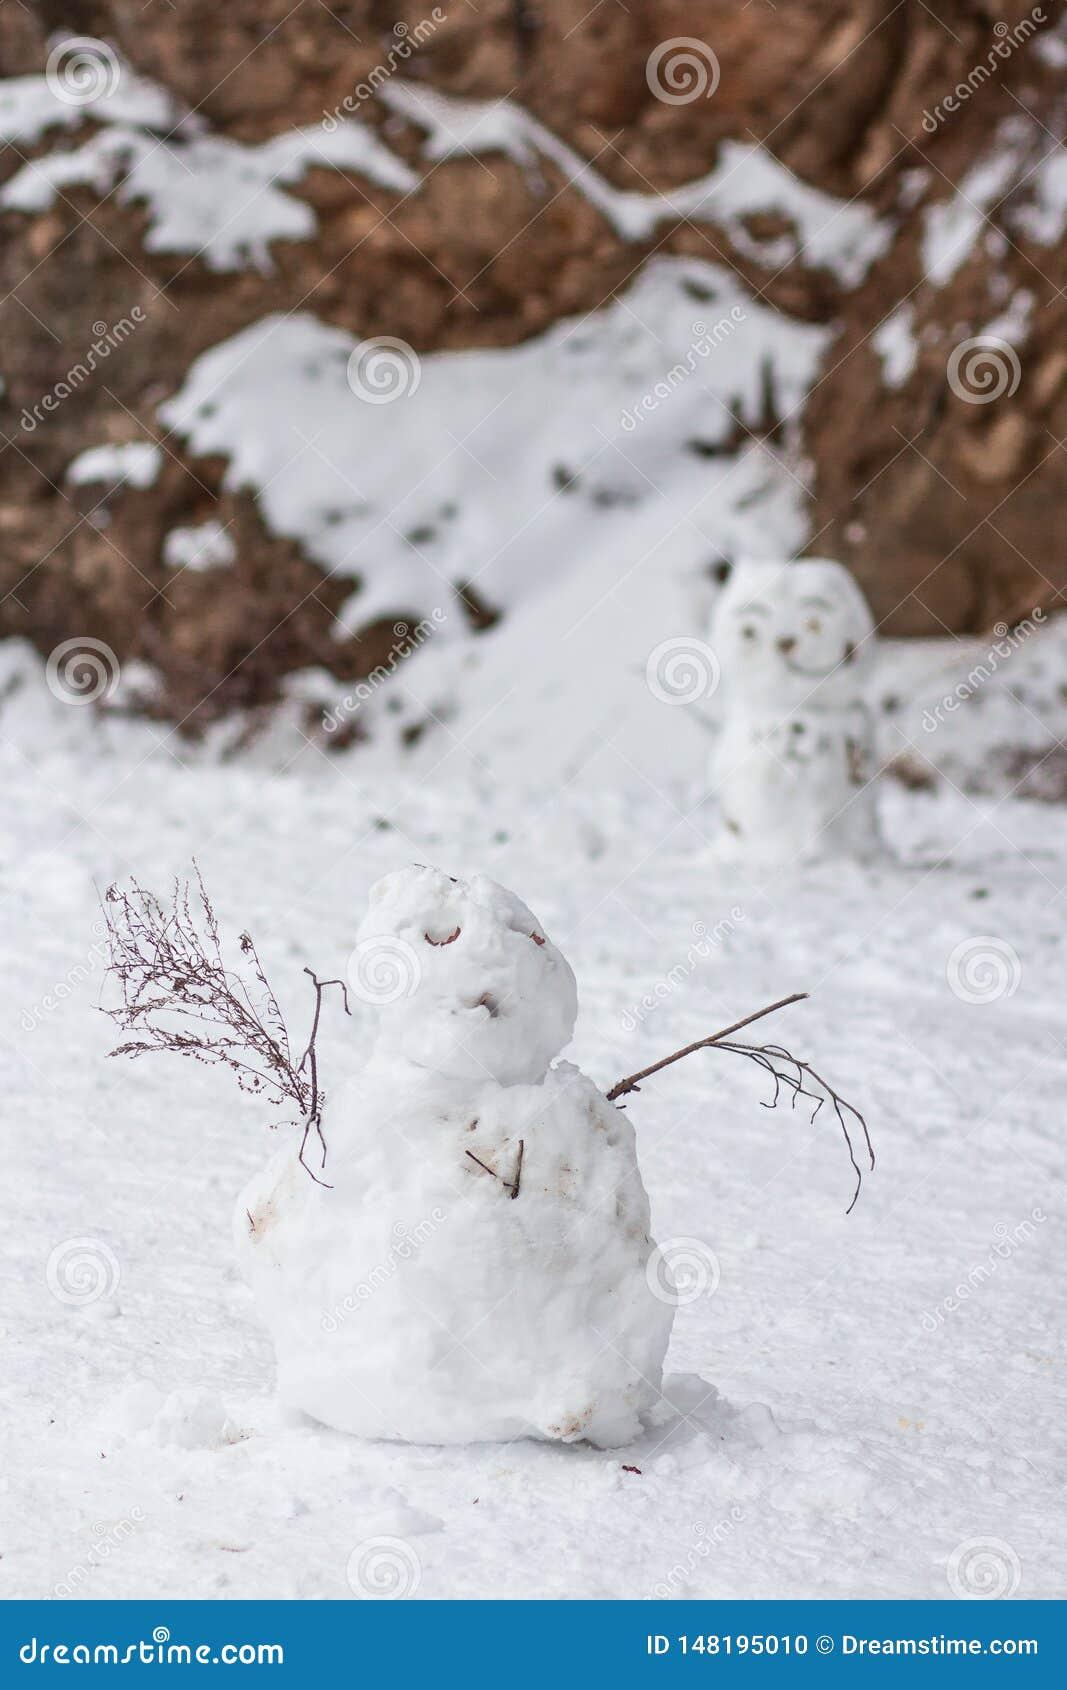 Um close up de um boneco de neve mal feito